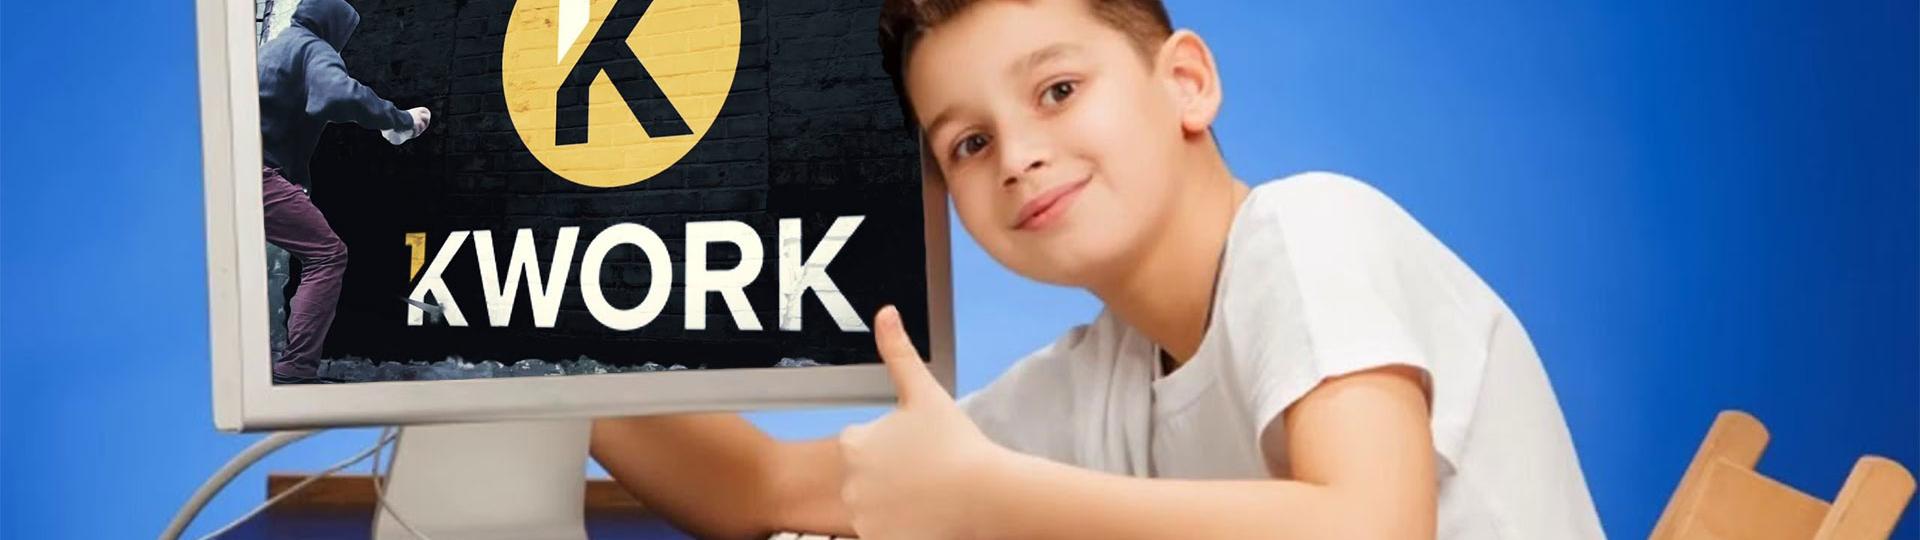 Как зарабатывать на сервисе Kwork? Пошаговые рекомендации!